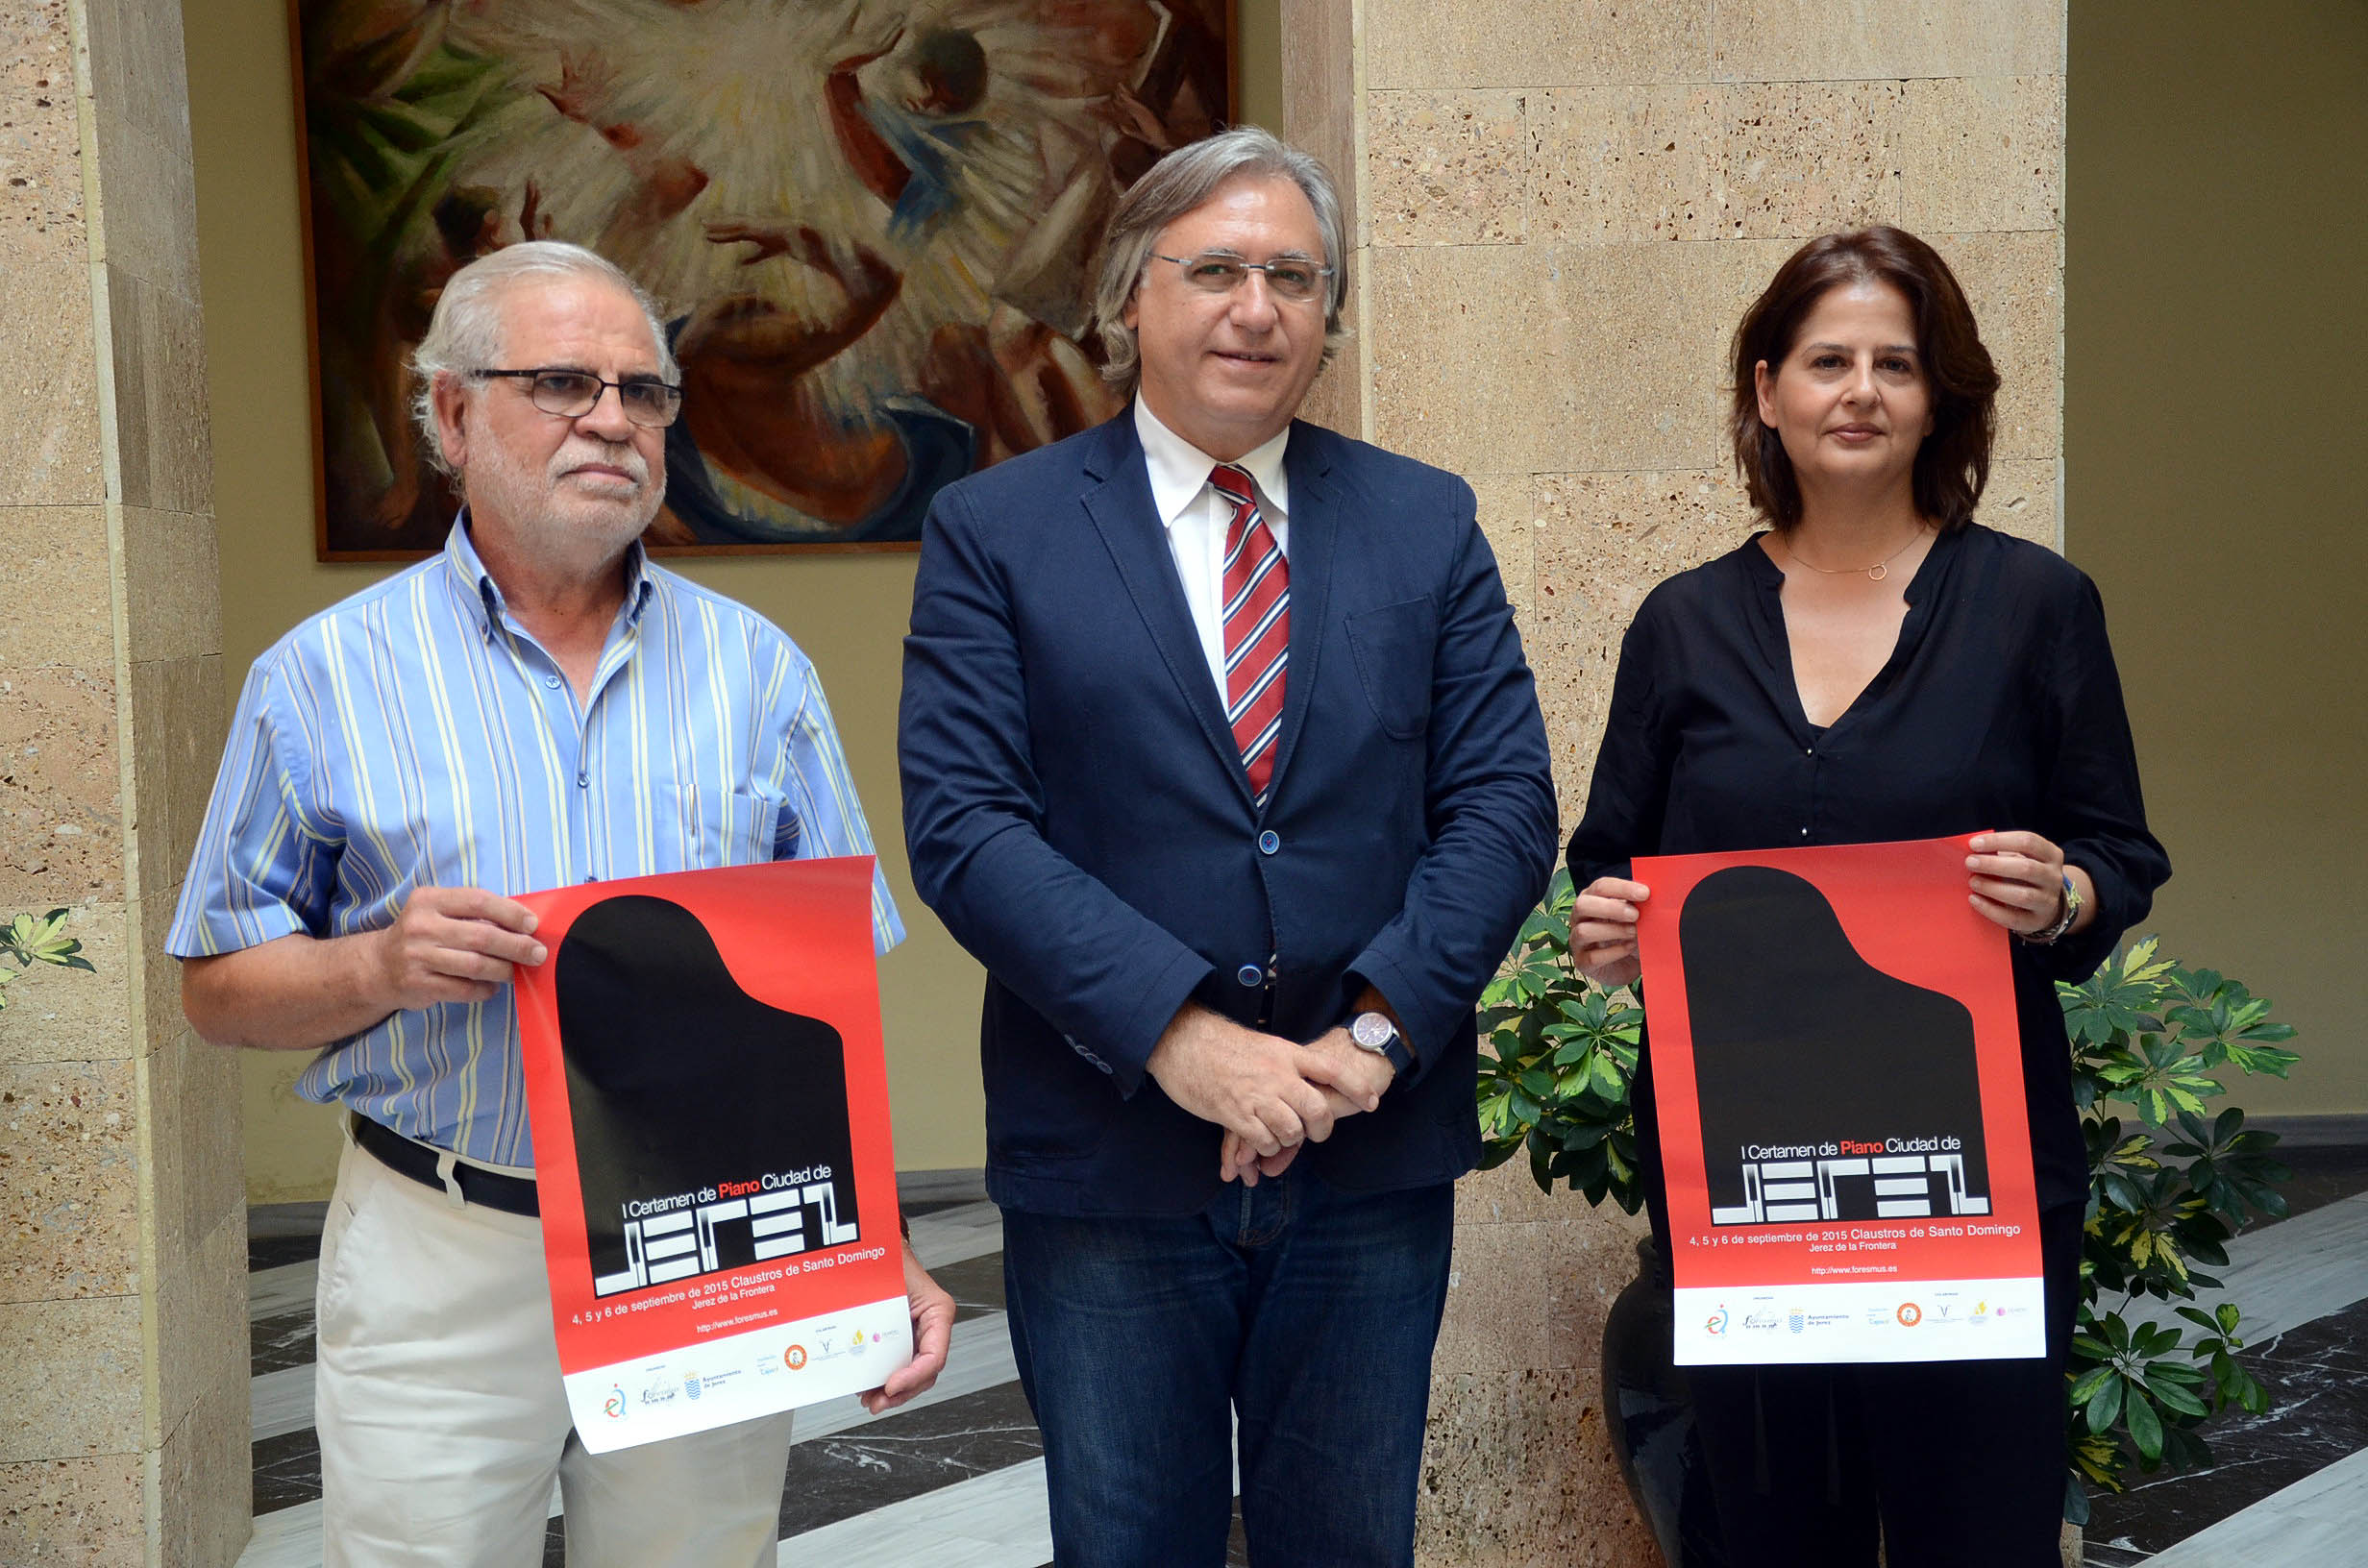 Presentación del I Certamen de Piano Ciudad de Jerez, dirigido a jóvenes intérpretes de toda España